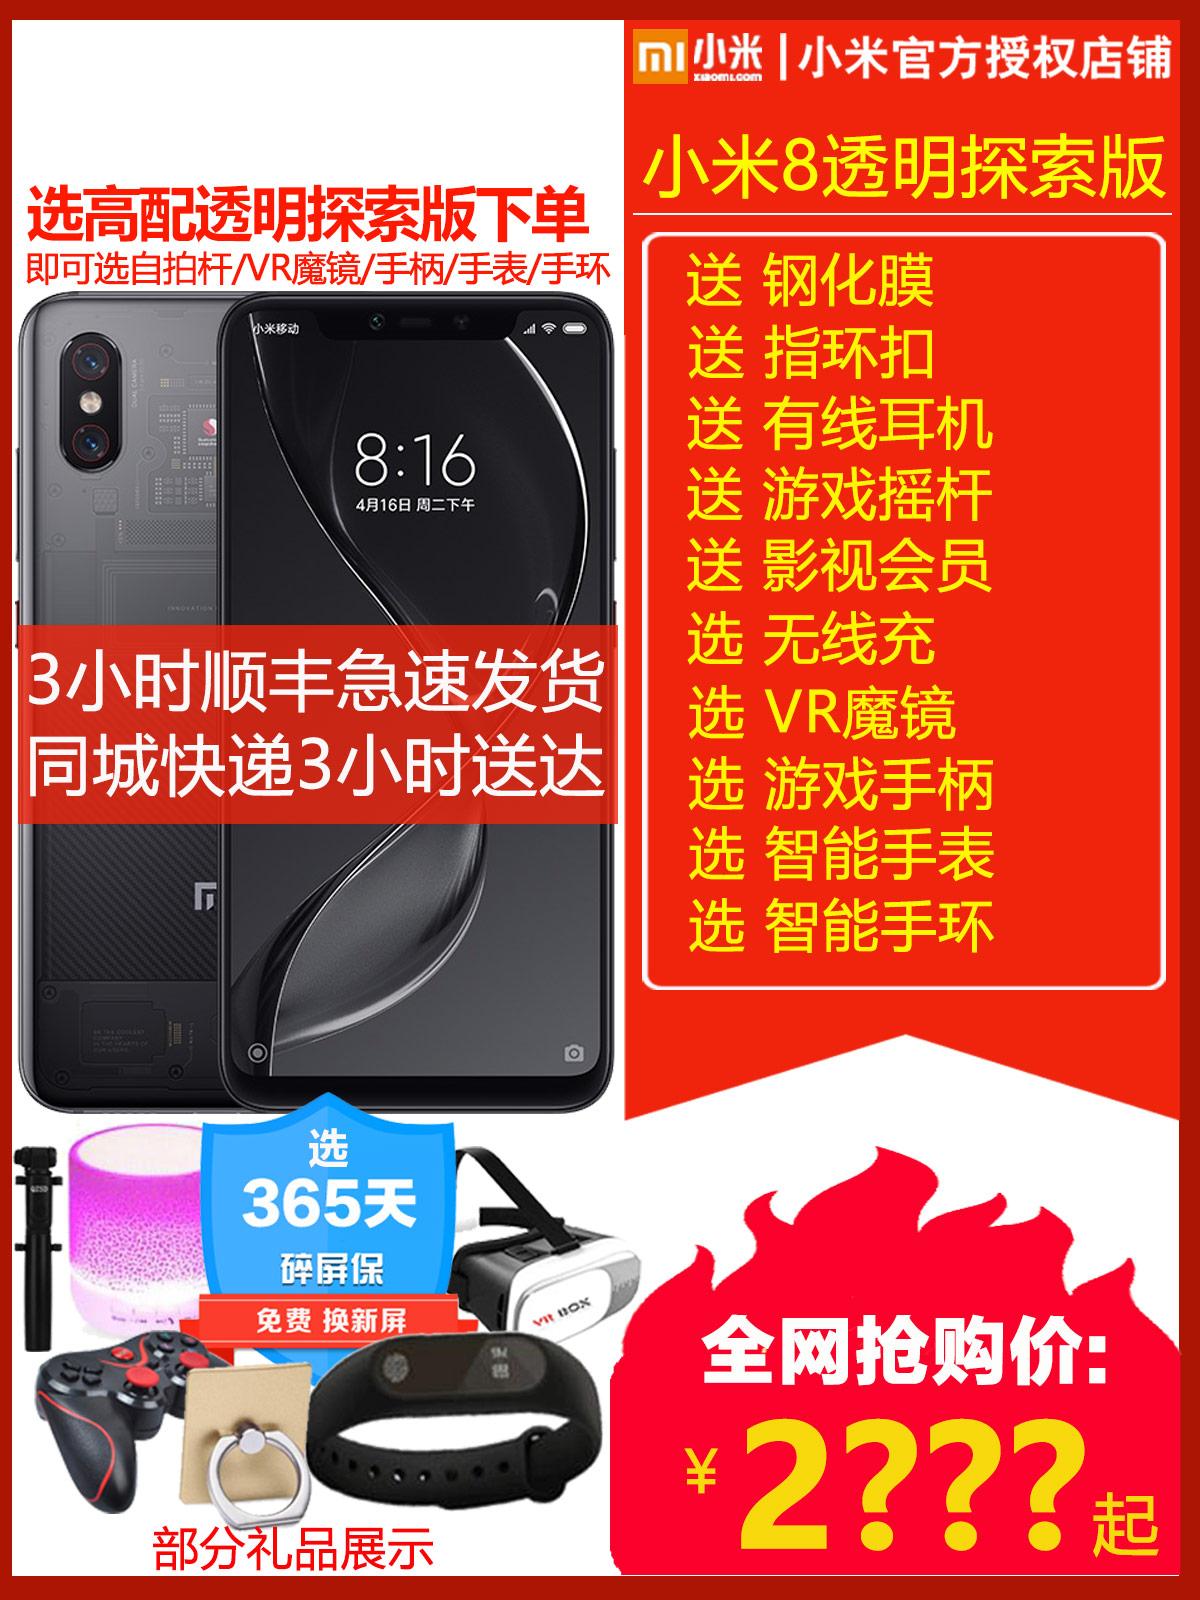 限100000张券直降1000元起/128G低至1699元起送手环】Xiaomi/小米 小米8手机